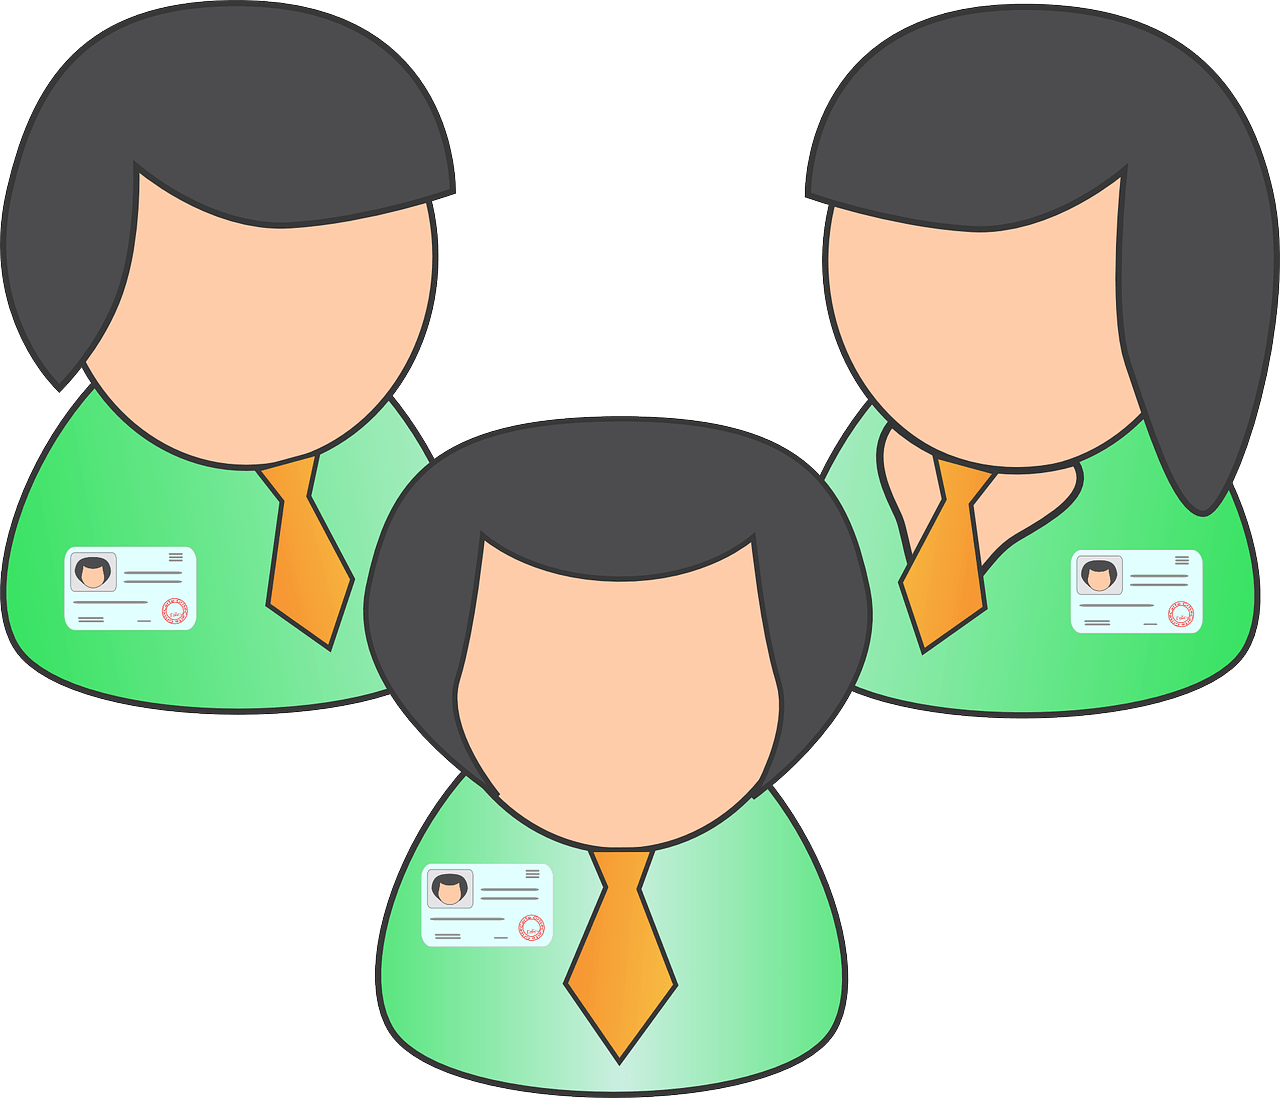 Вакансии РЖД в сфере: Управление персоналом, тренинги